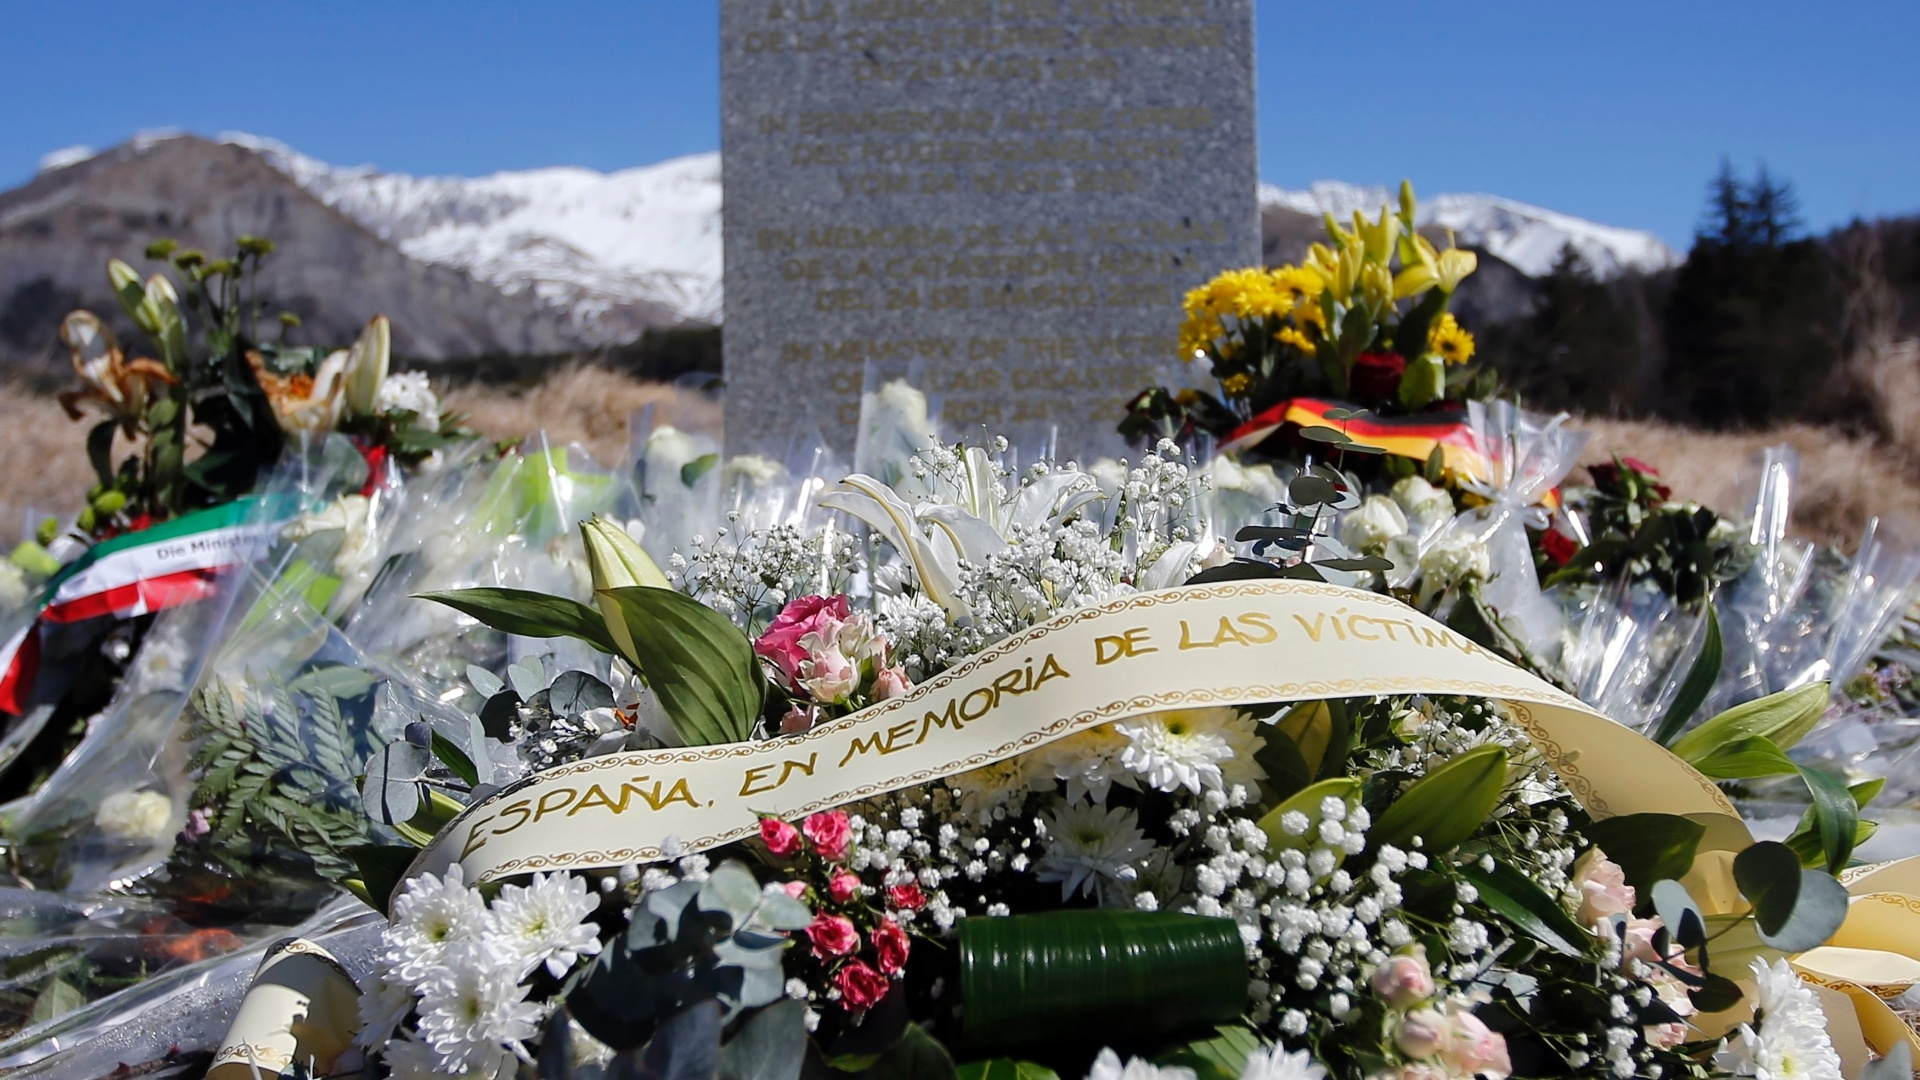 27.mar.2015 - Parentes colocam flores em homenagem às vitimas do acidente com o avião da Germanwings. O coronel Patrick Touron, vice-diretor do Instituto de Pesquisa Criminalística da polícia francesa, informou nesta sexta-feira (27) que nenhum corpo foi encontrado intacto